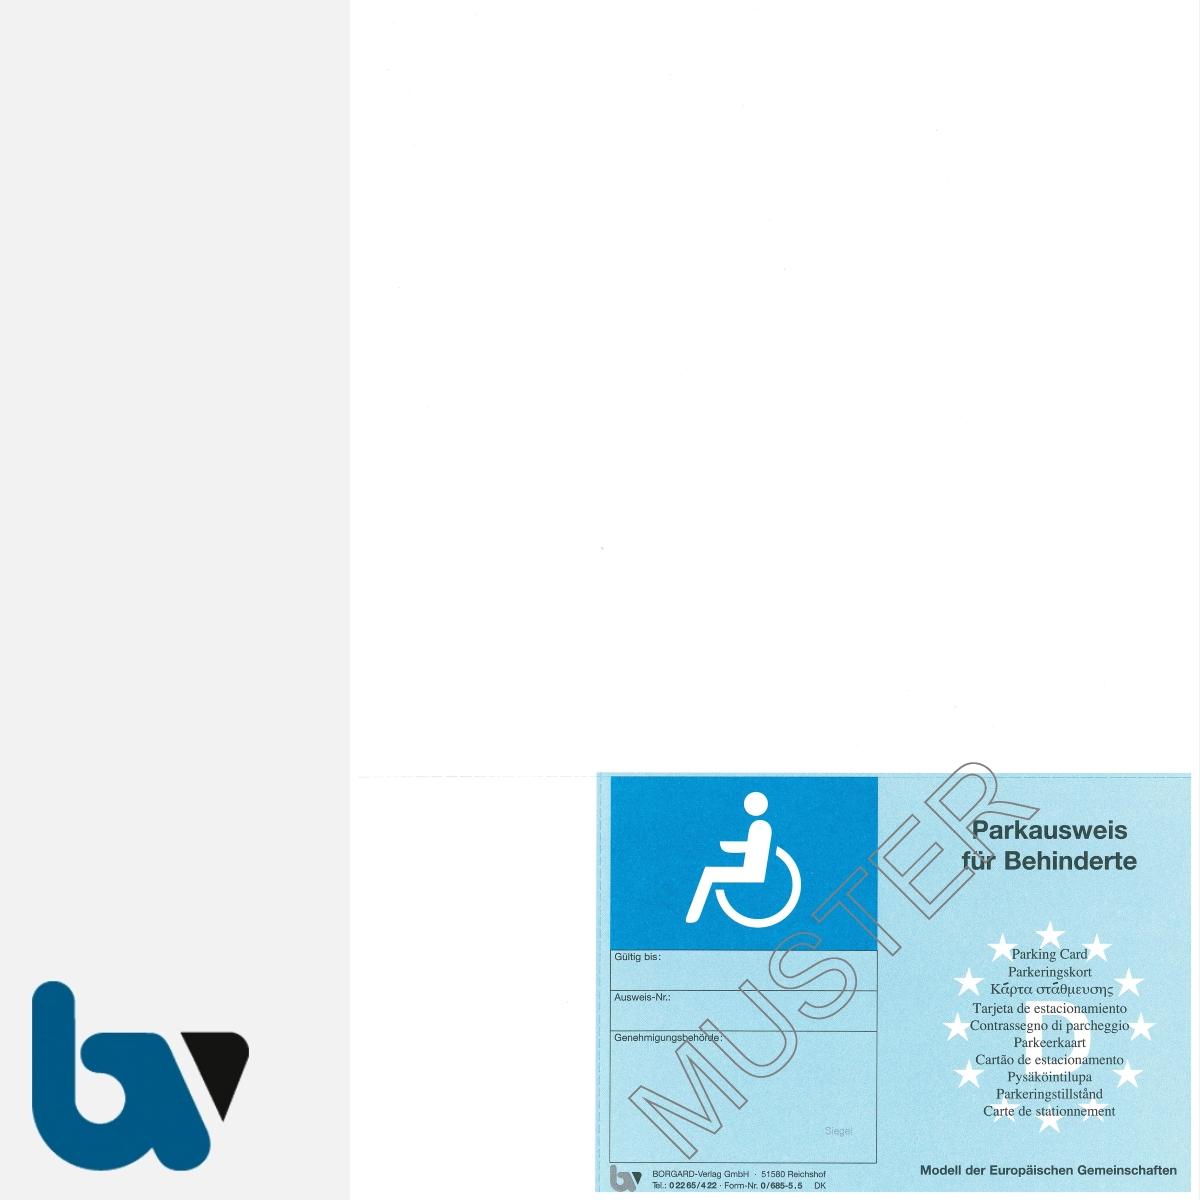 0/685-5.5 EU-einheitlicher Parkausweis Ausnahmegenehmigung Parkerleichterungen europäisch blau Modell behinderte Menschen perforiert zum Abtrennen DIN A4 VS | Borgard Verlag GmbH